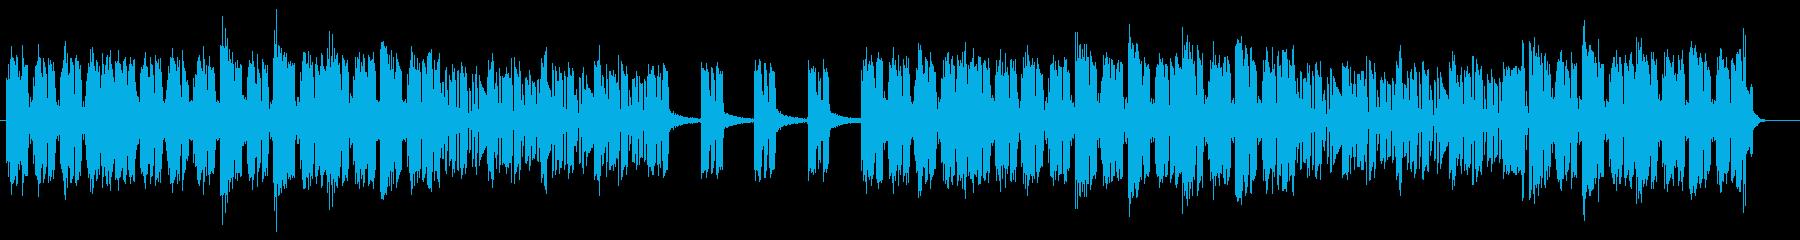 勢いのあるスラップベースが特徴のポップスの再生済みの波形